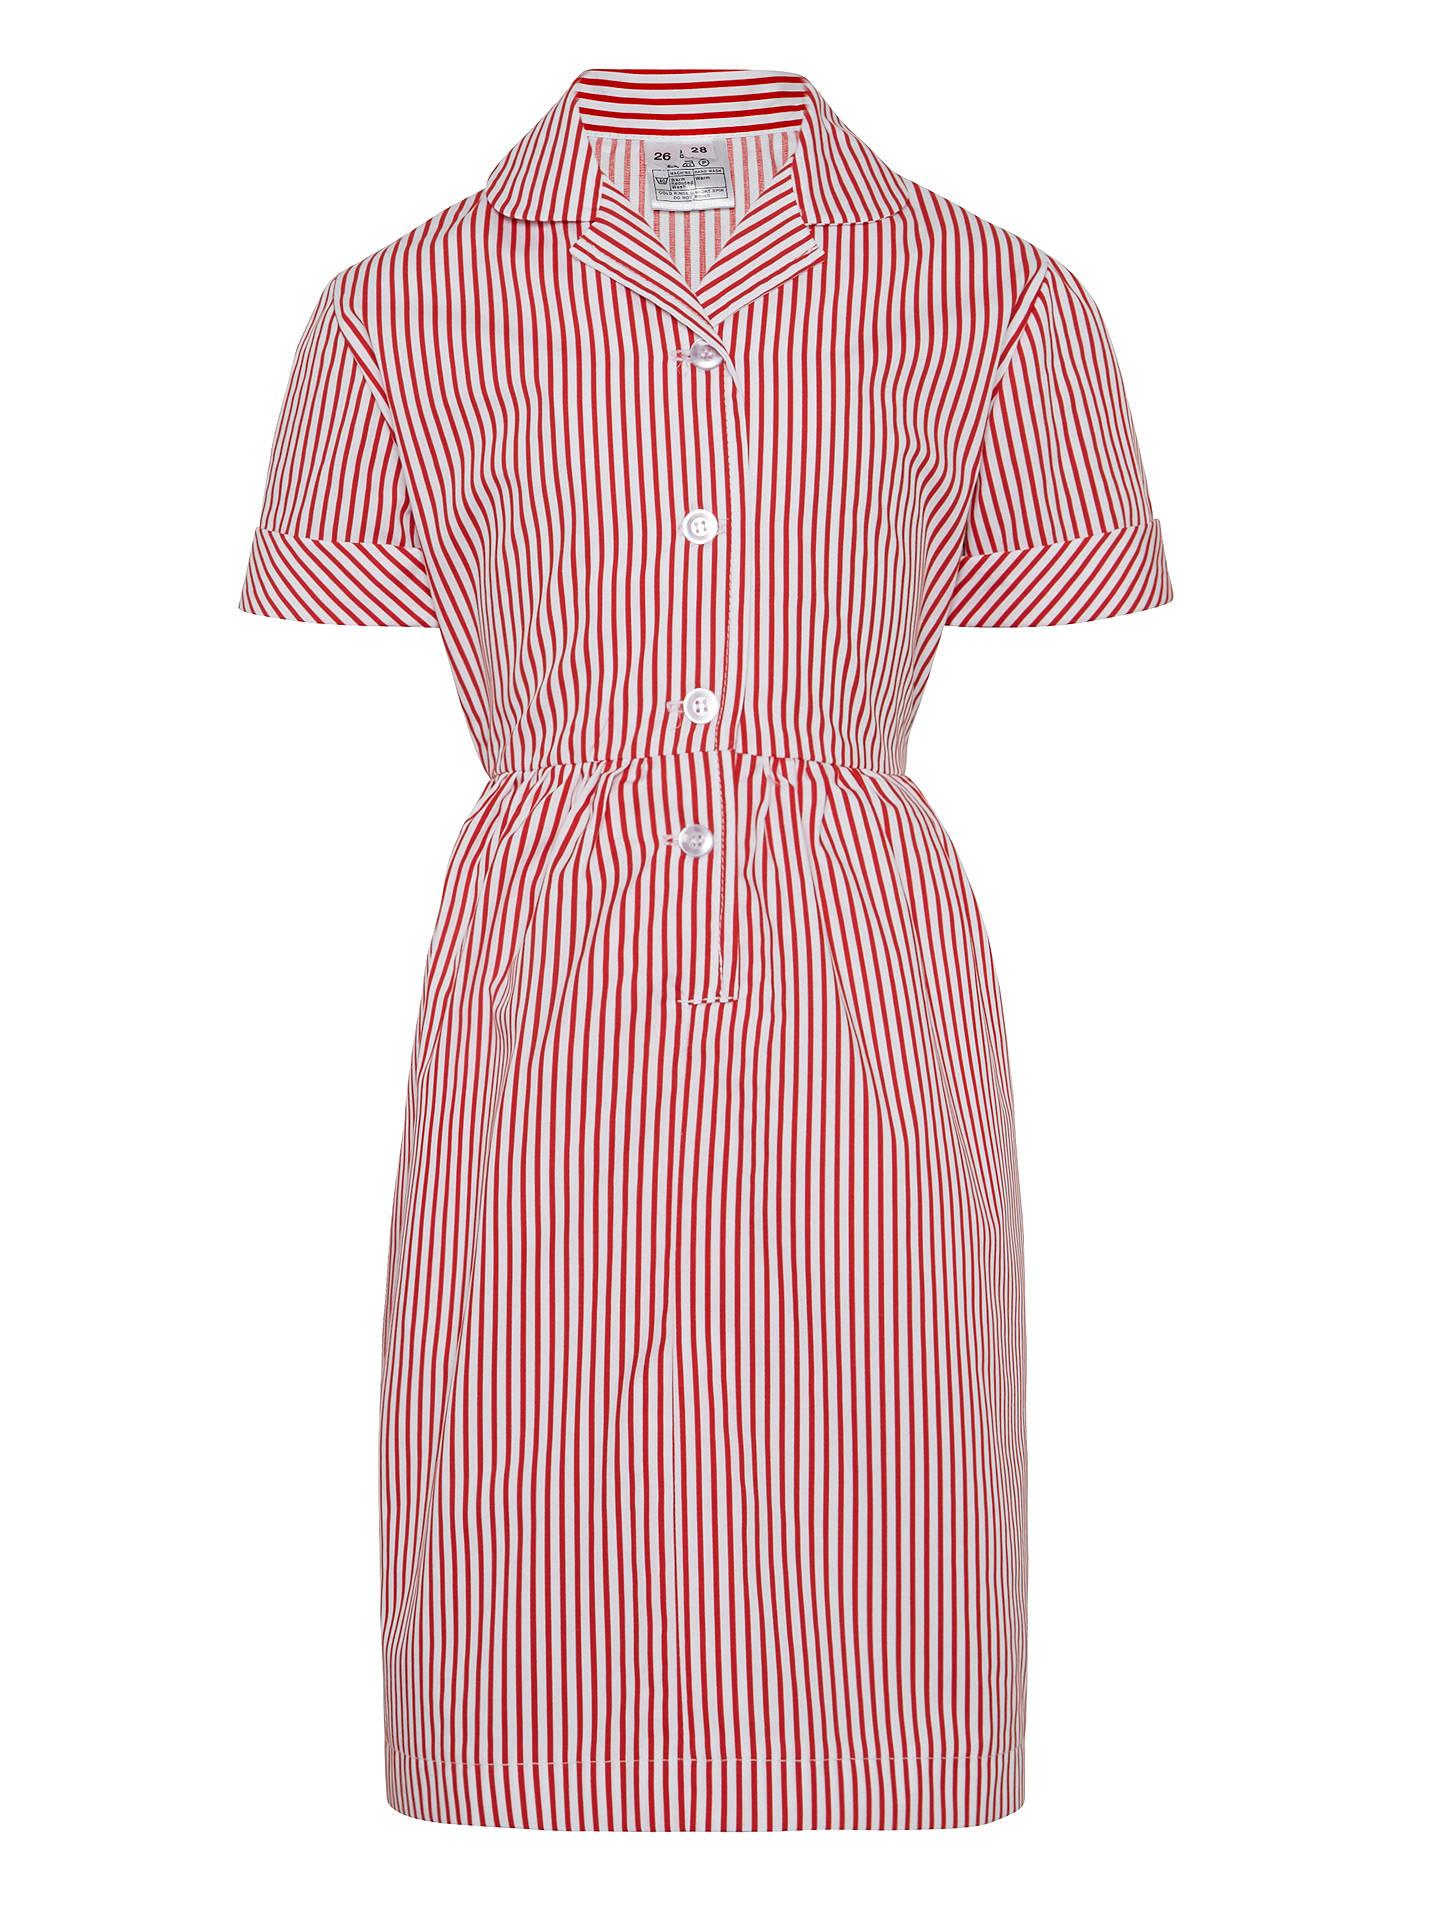 2a073bd9f37 Buy Redmaids  High School Girls  School Summer Dress